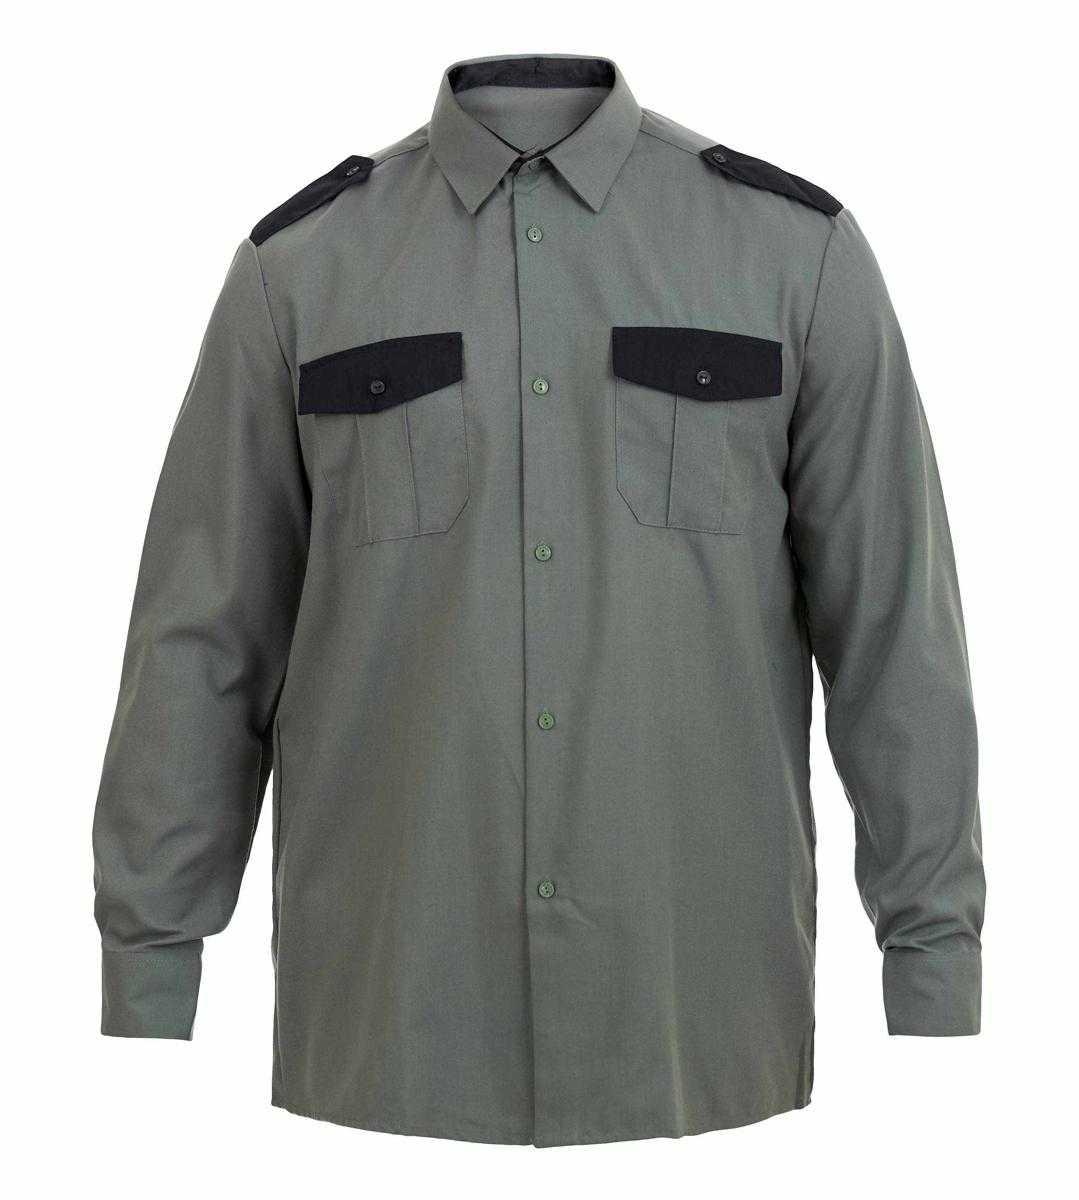 Img0135 - Рубашка охранника с длинным рукавом, цв. зеленый